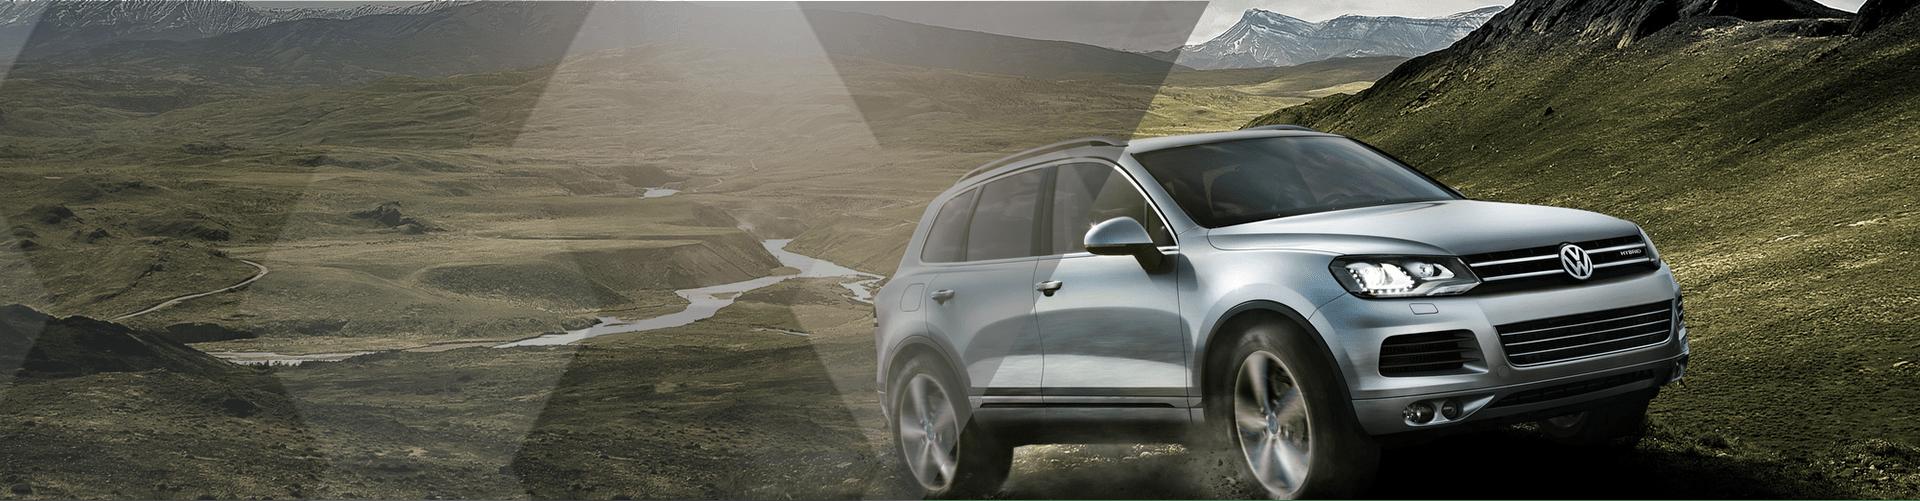 Volkswagen Bora 16 FSI с механикой, цены и отзывы